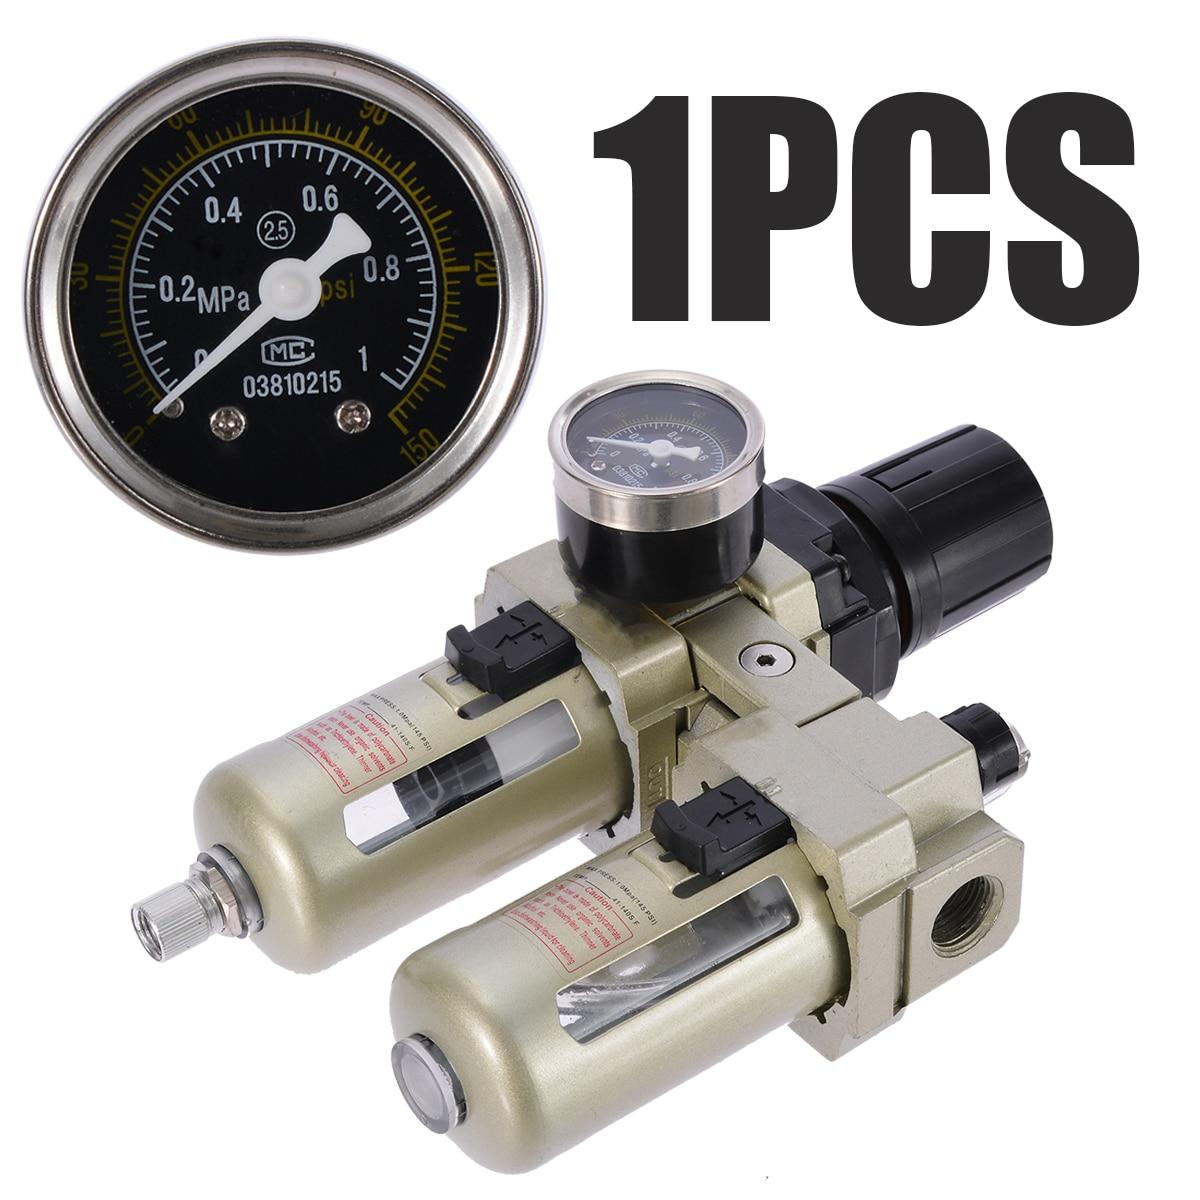 AC3010 03 регулятор воды масла воздушный компрессор регуляторы смазки масла сепаратор воды ловушка указатель фильтра